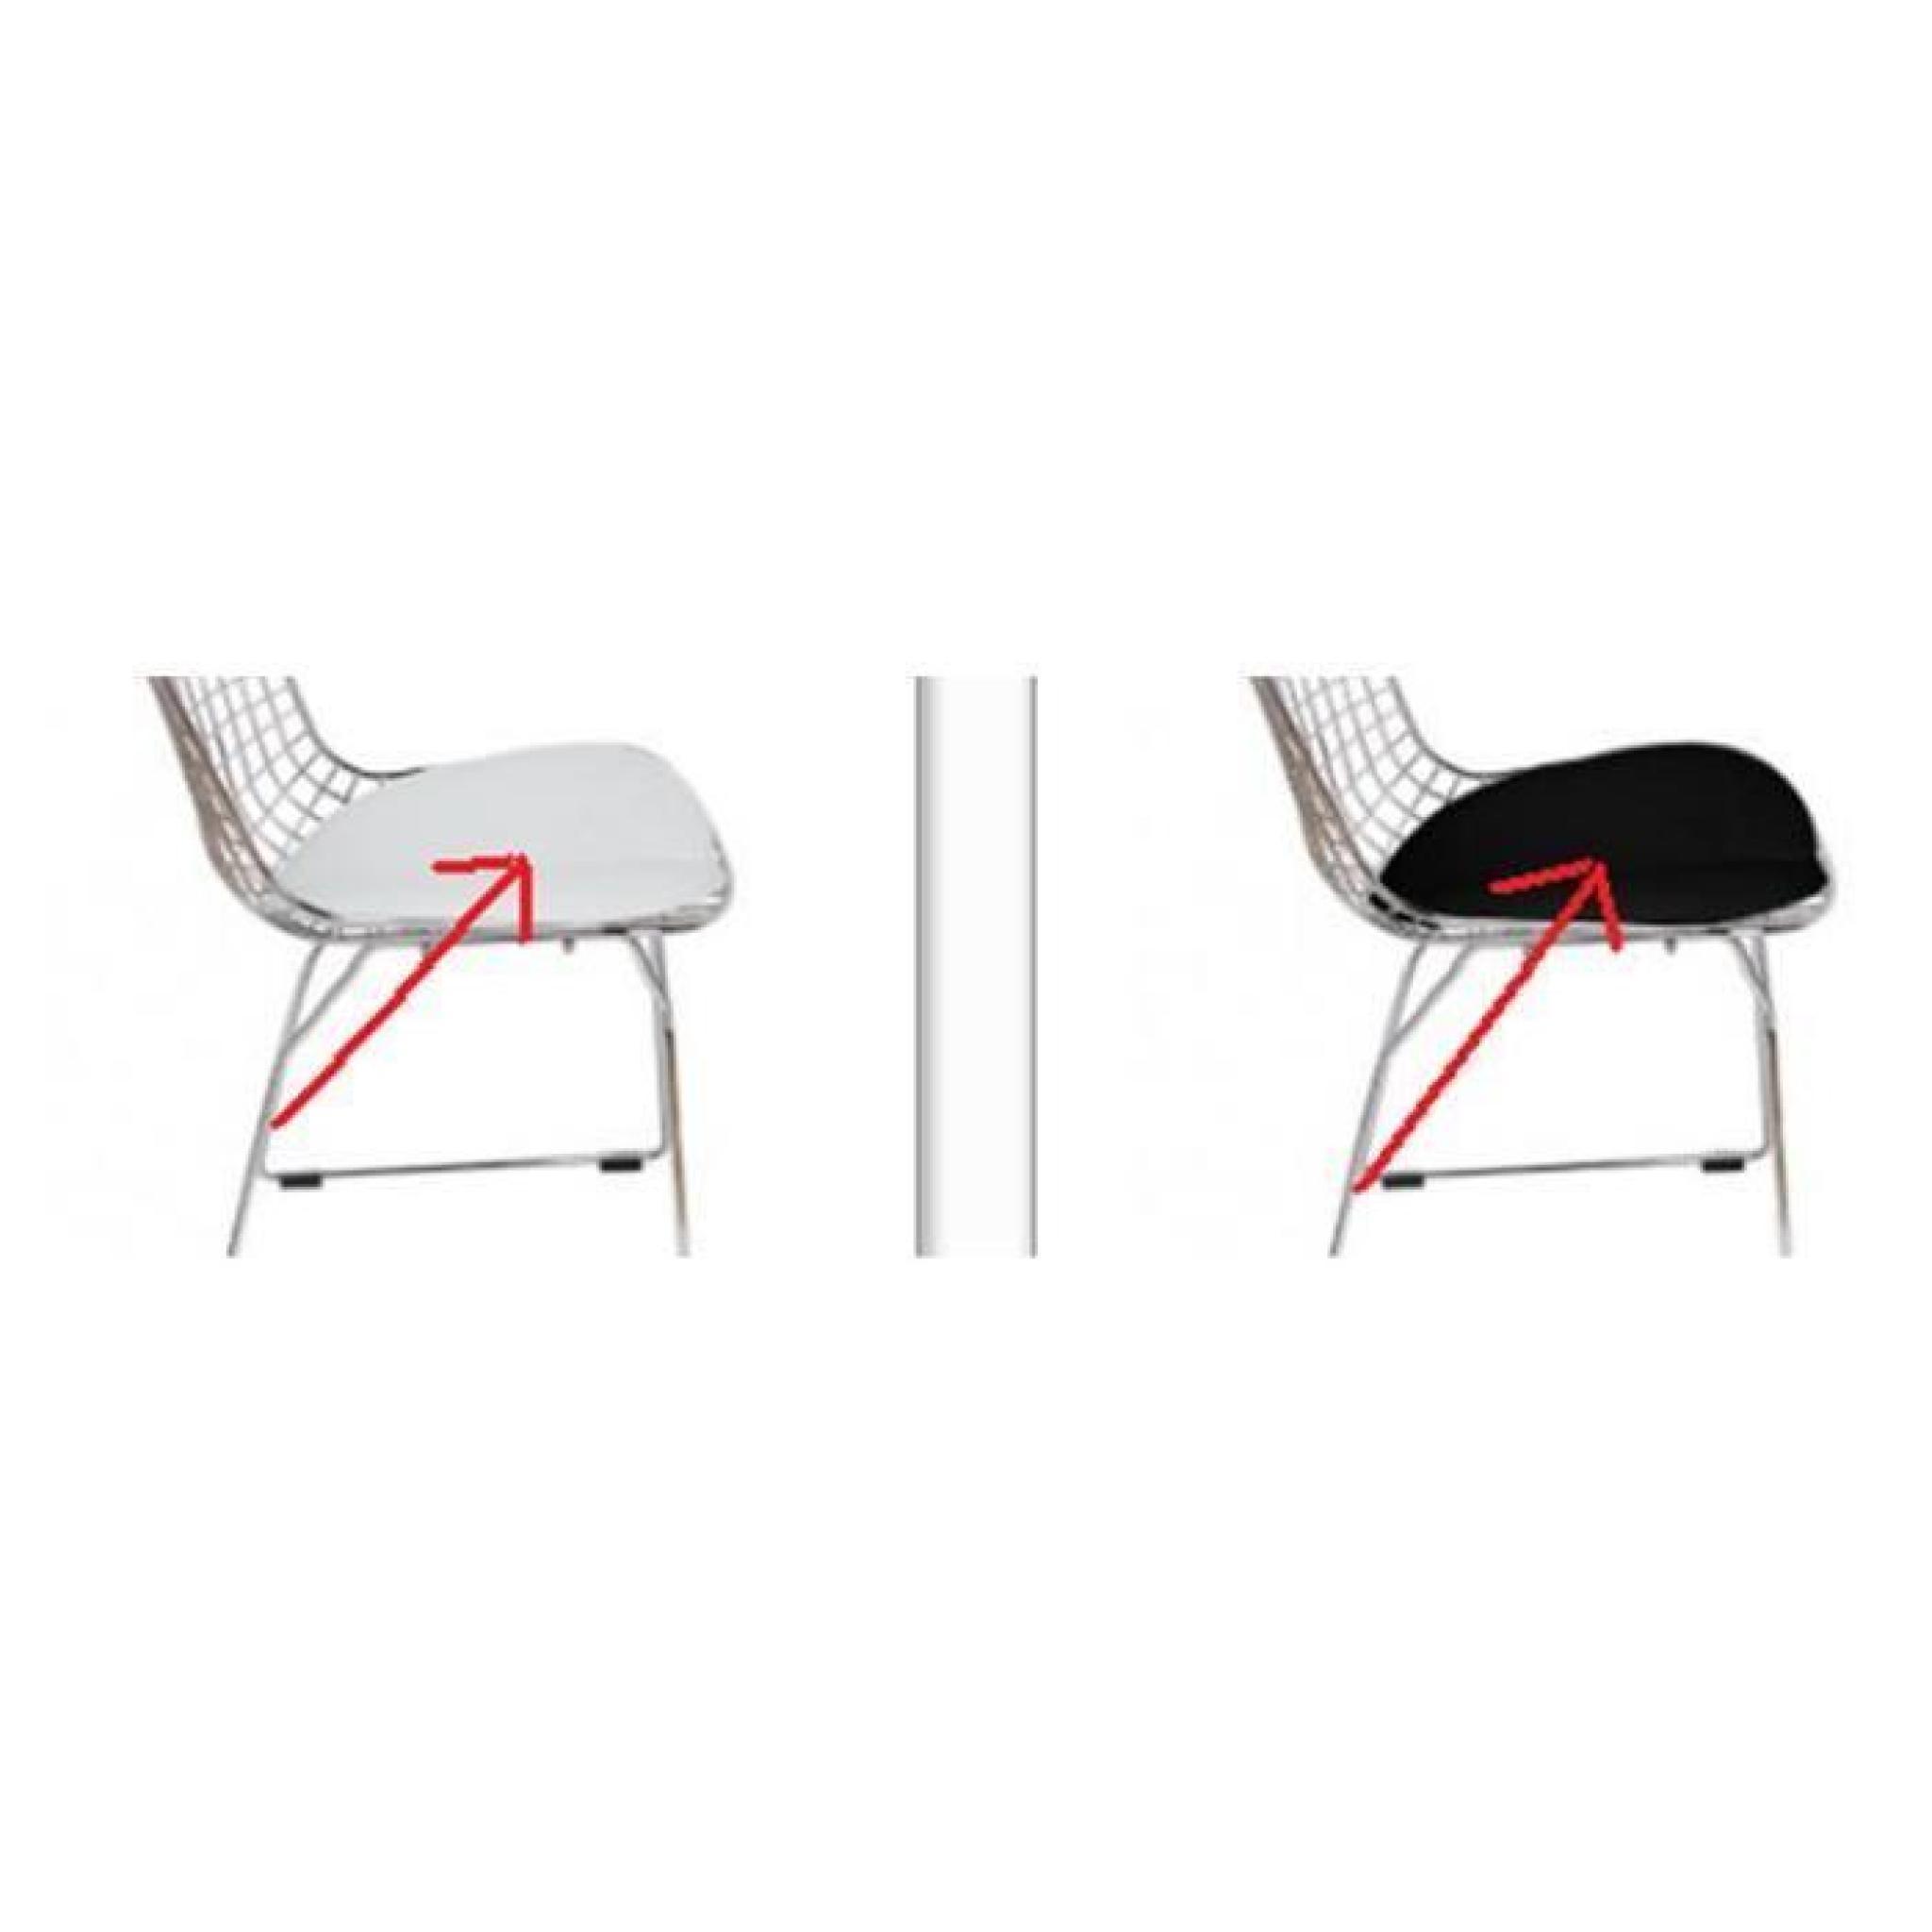 Coussin bertoia de rechange blanc noir pour chaise wire for Chaise de jardin noire